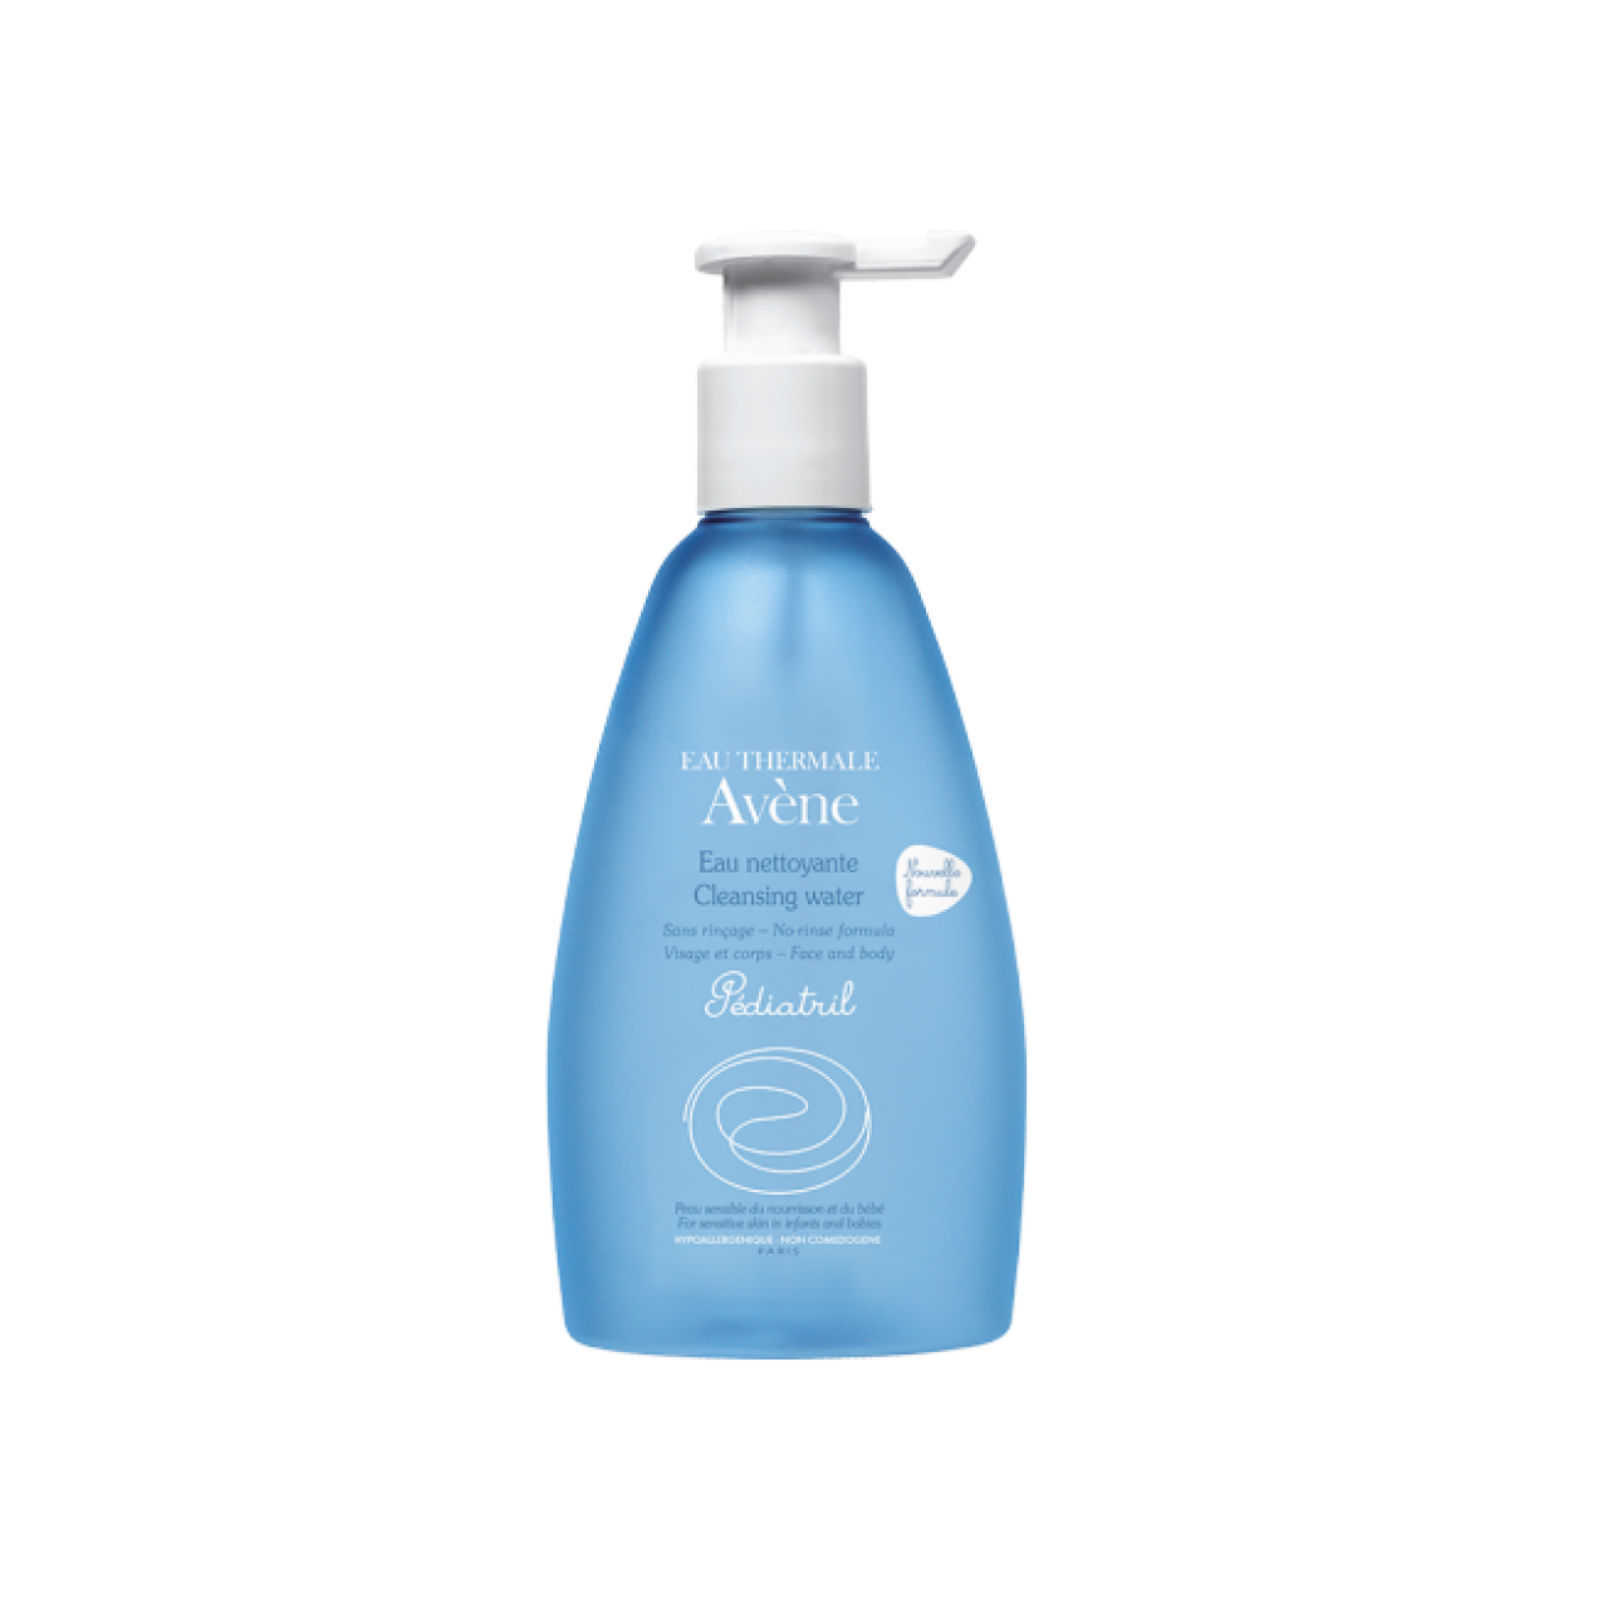 Avene - Pediatril - Acqua detergente